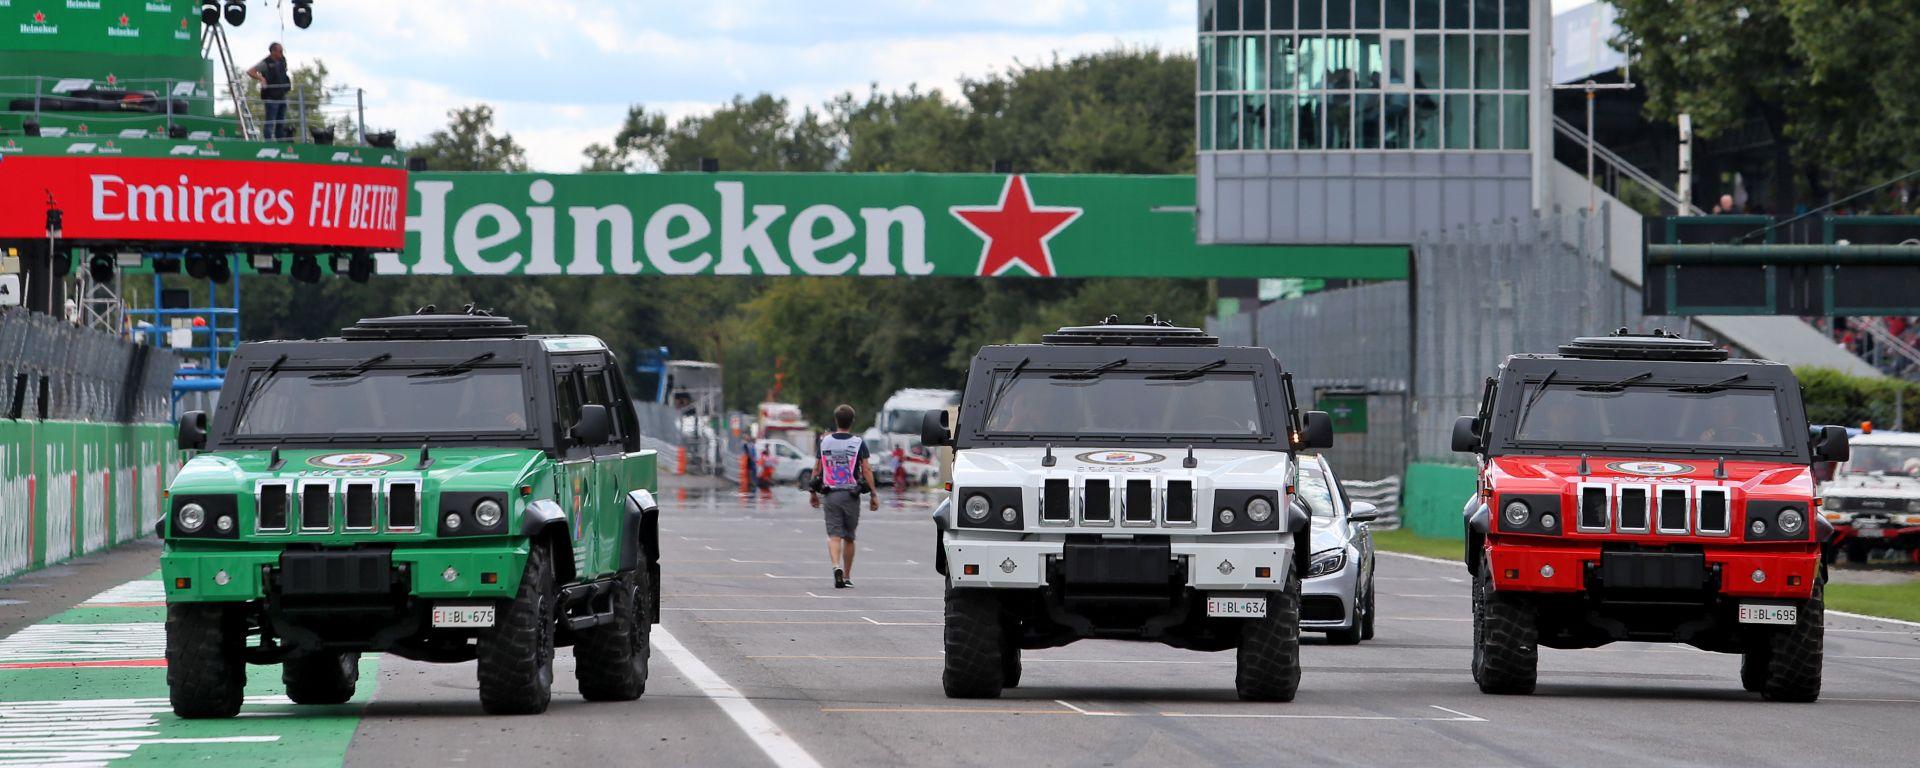 F1 2019: l'Autodromo Nazionale di Monza nel weekend del GP Italia